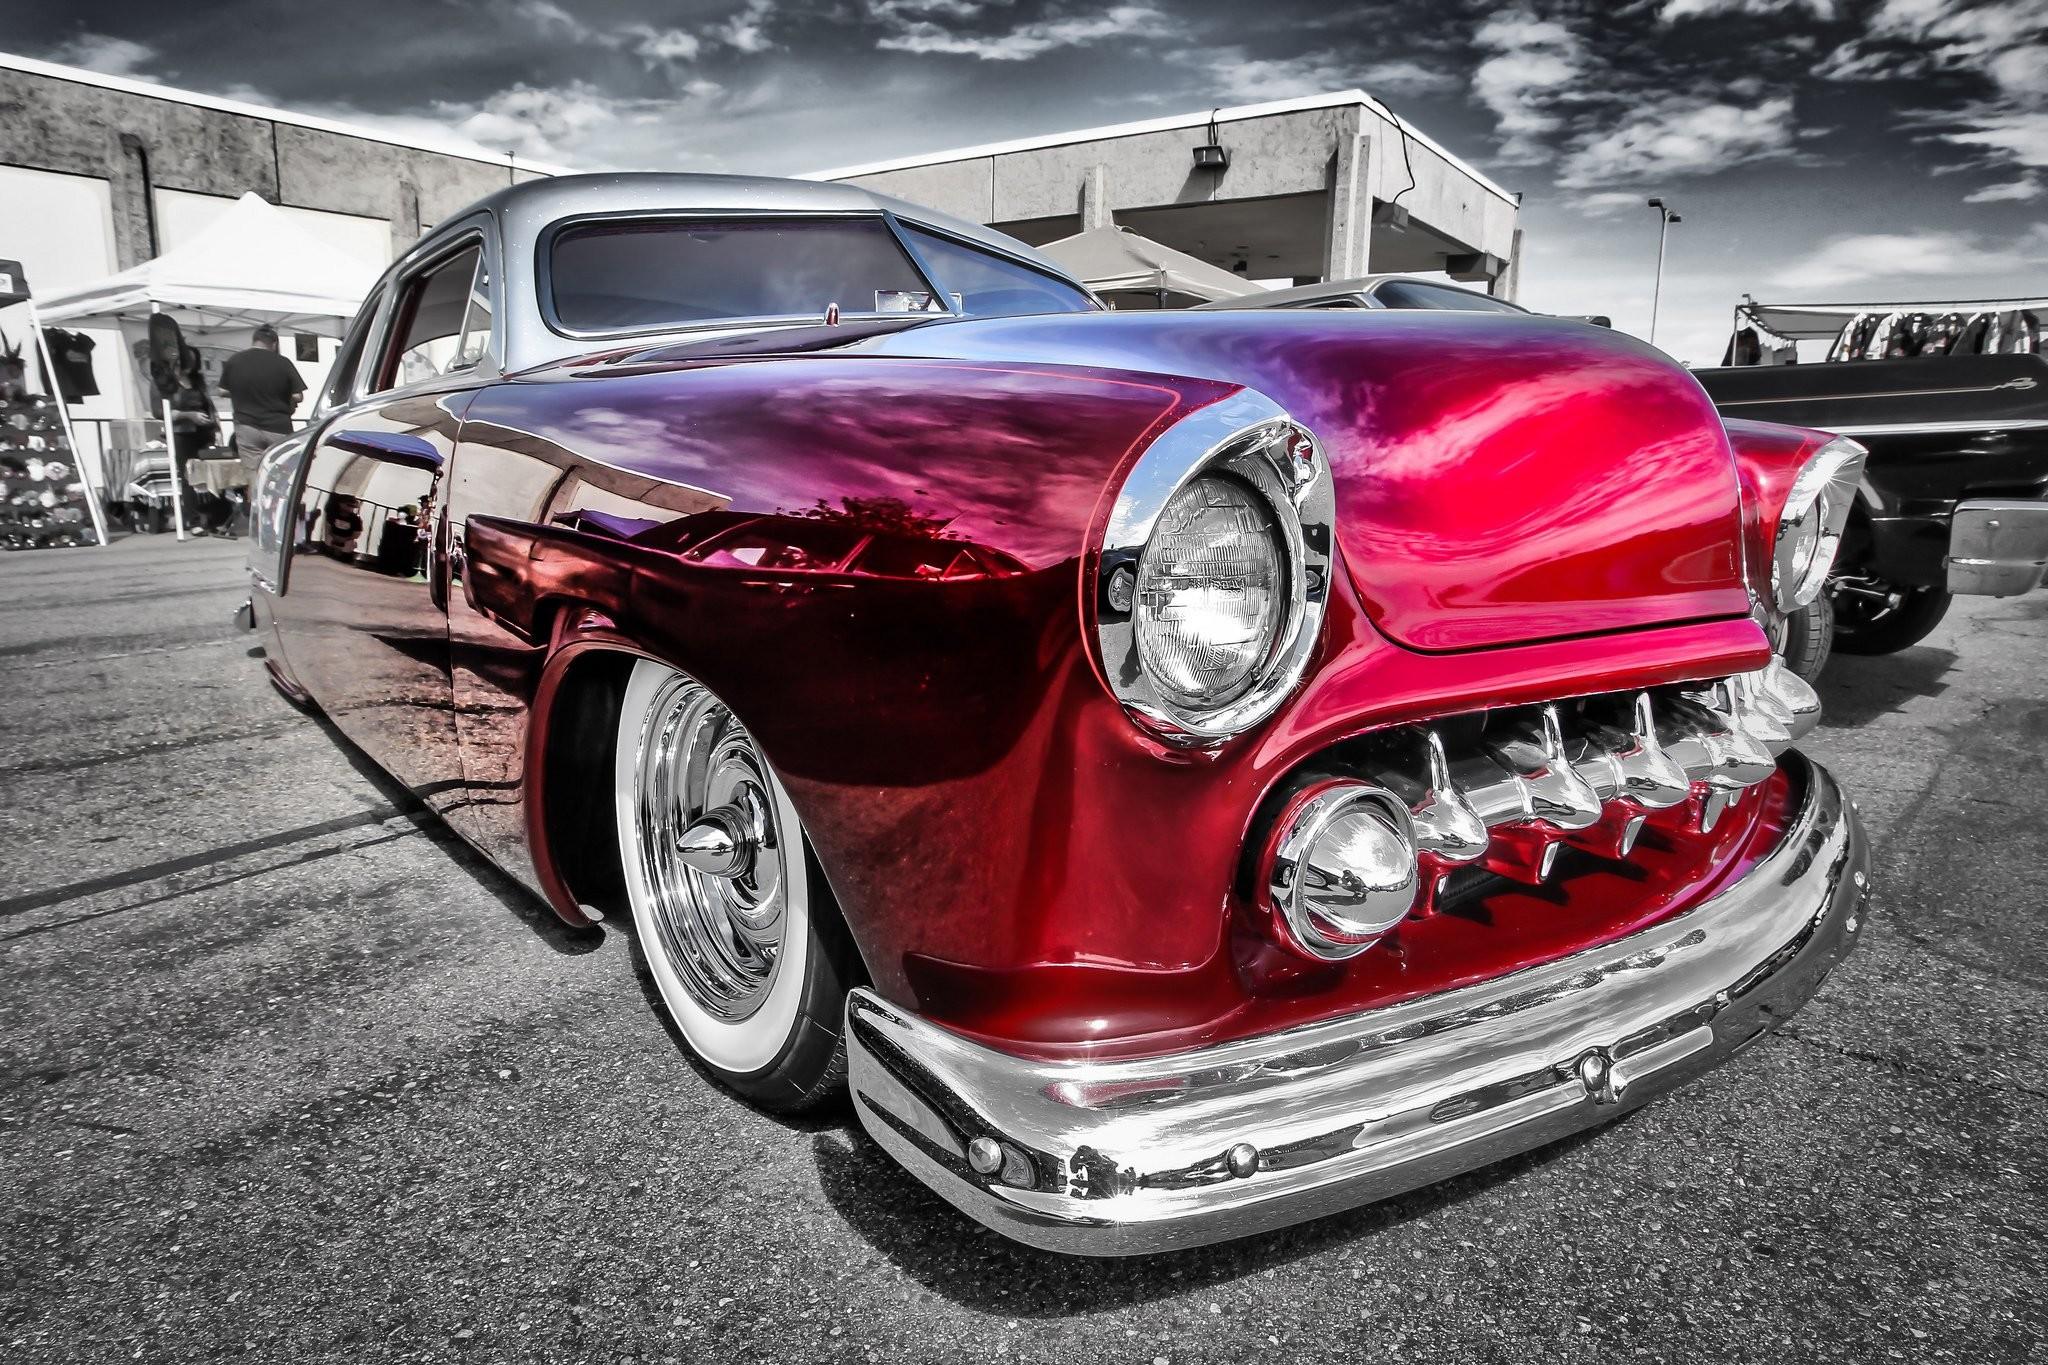 Custom Car Wallpapers 63 Images